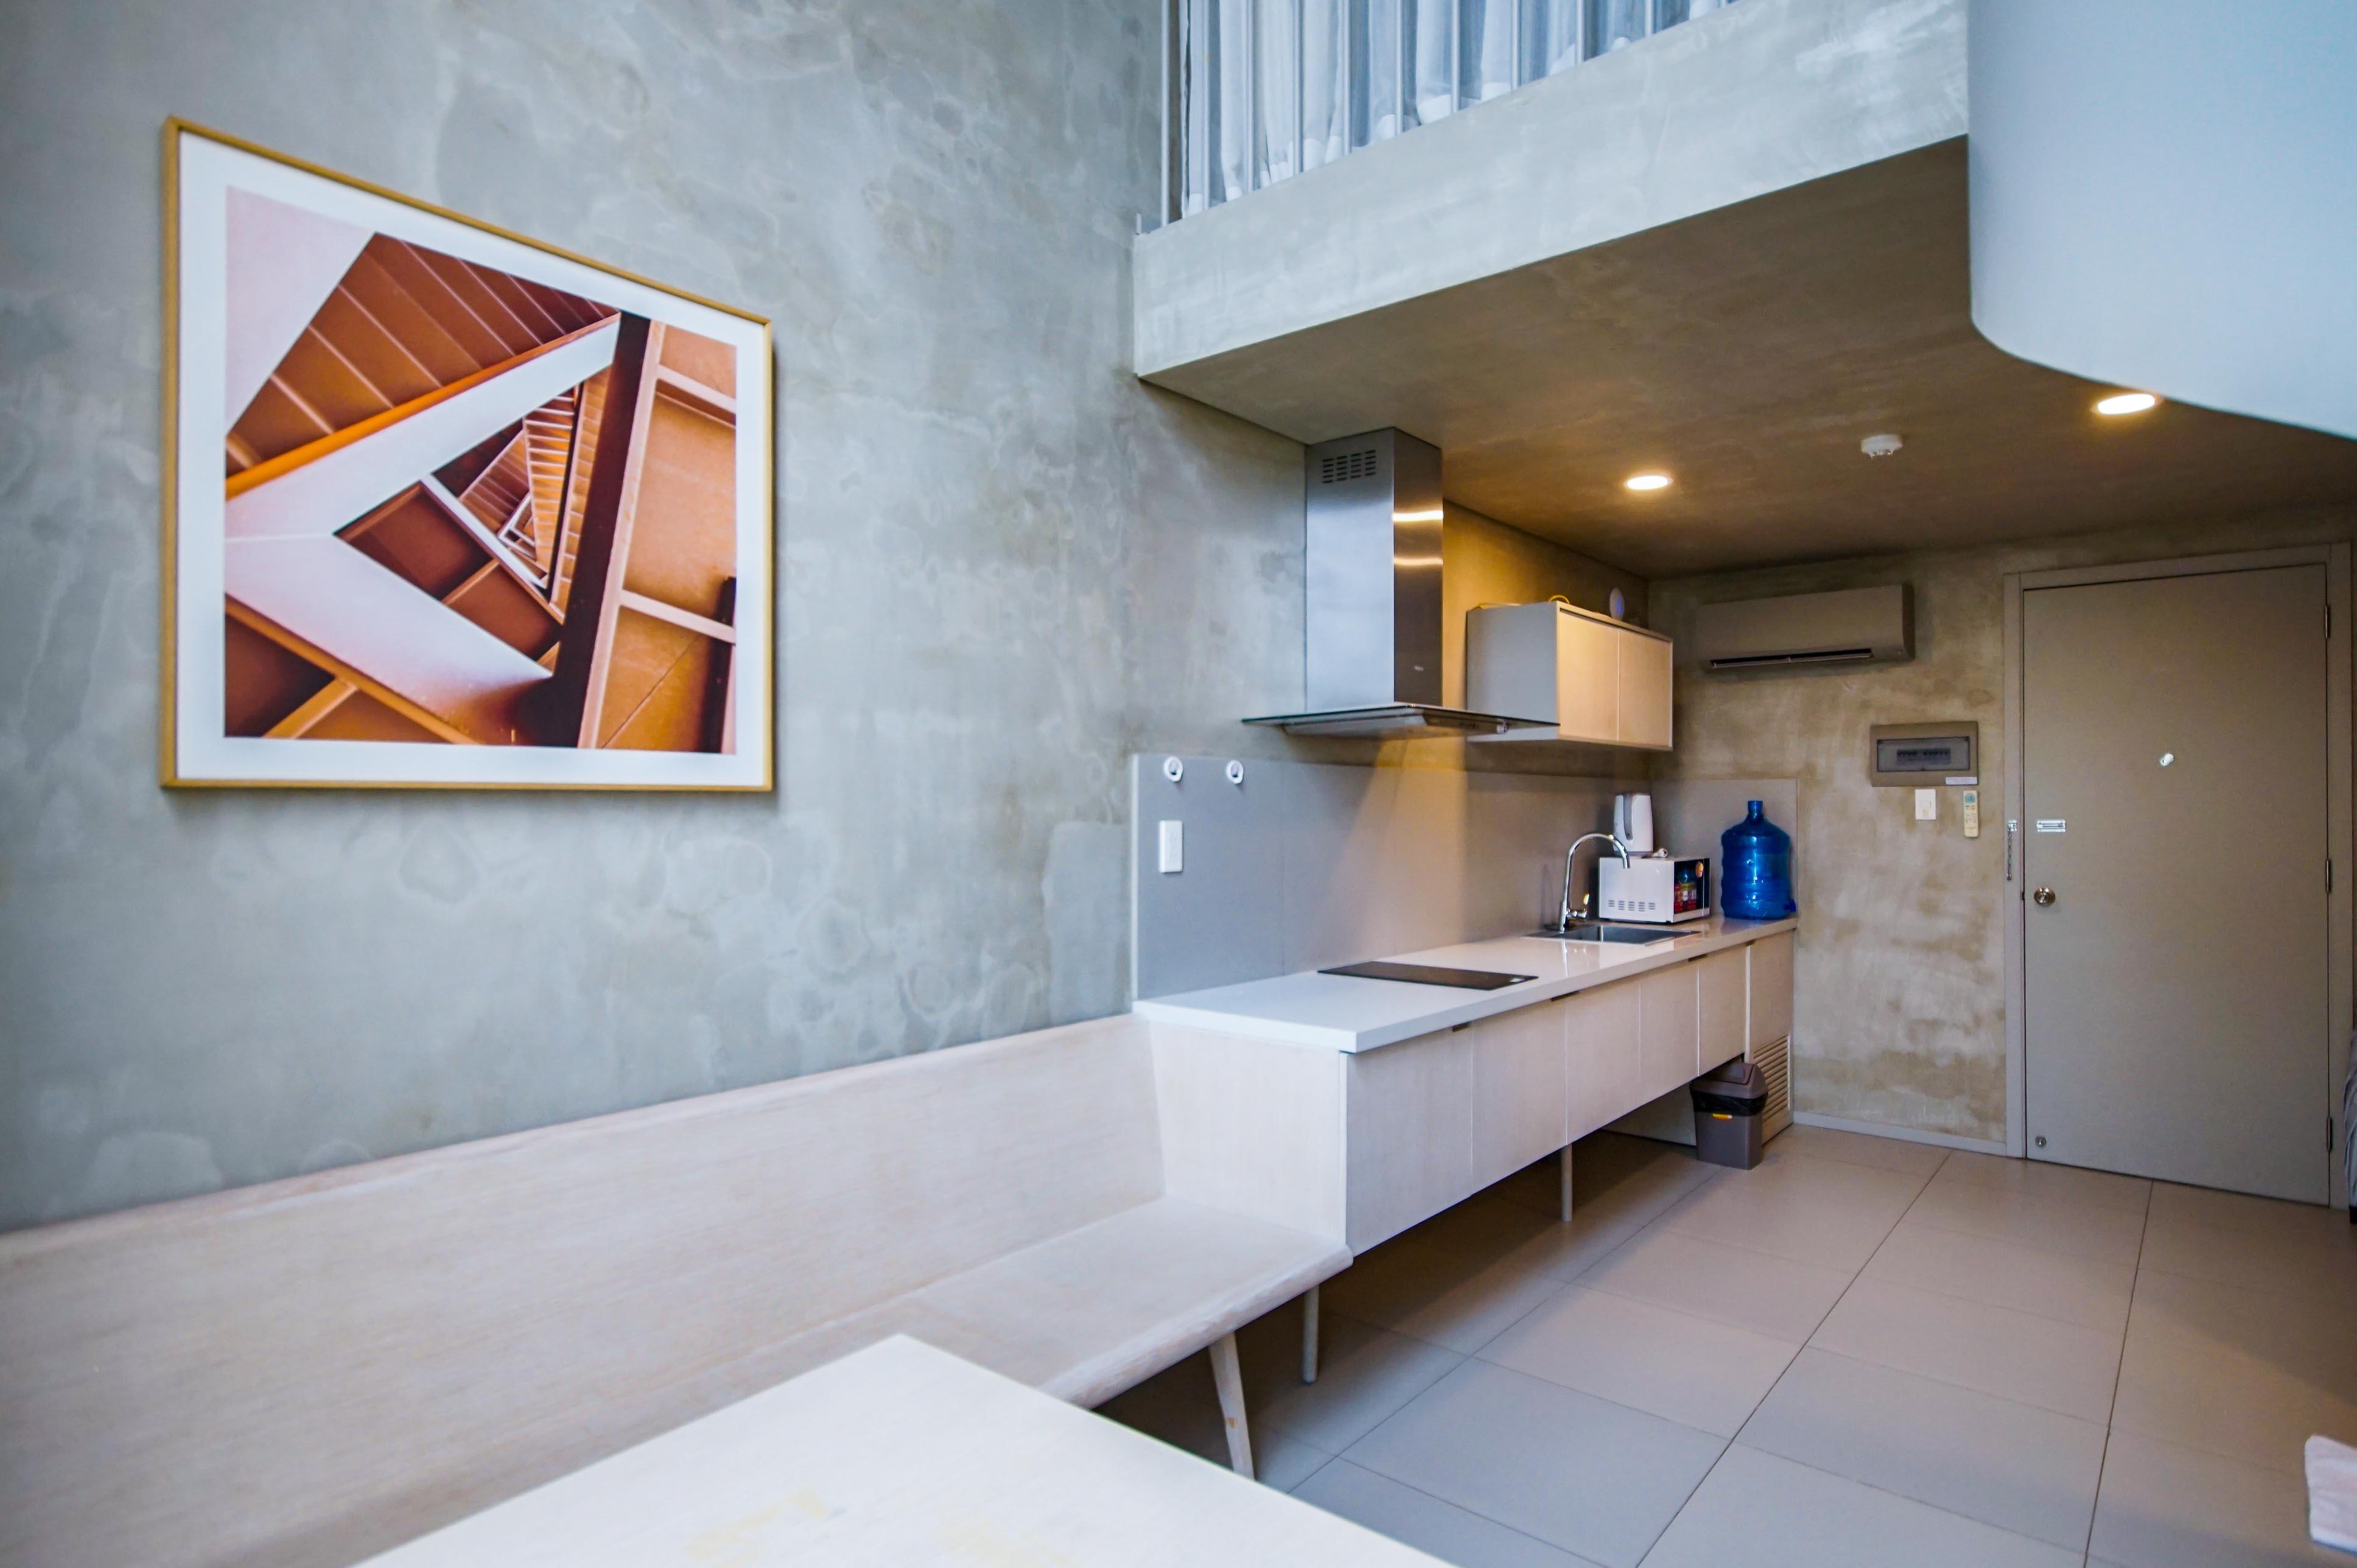 Cho Thuê Căn Hộ Dịch Vụ Duplex 1 PN - Đầy Đủ Nội Thất & Ấm Cúng -2